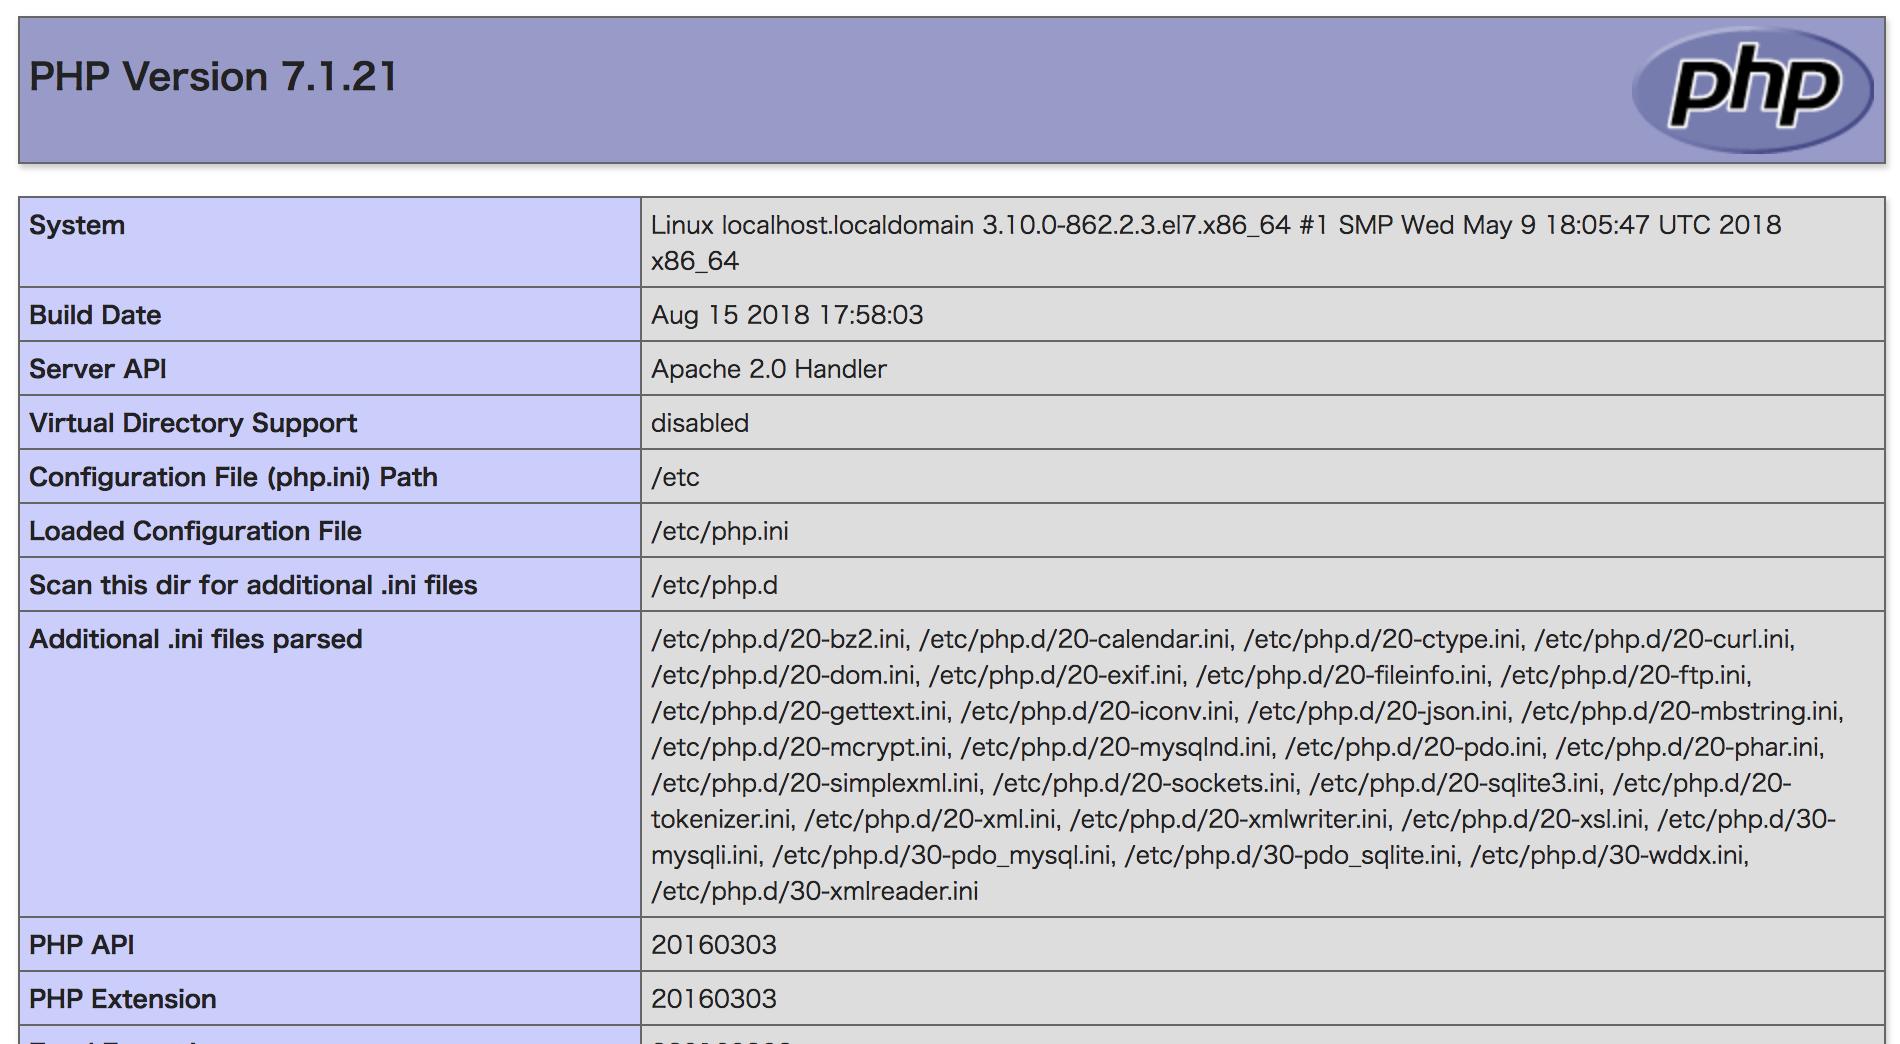 phpinfoが表示されている画面の画像